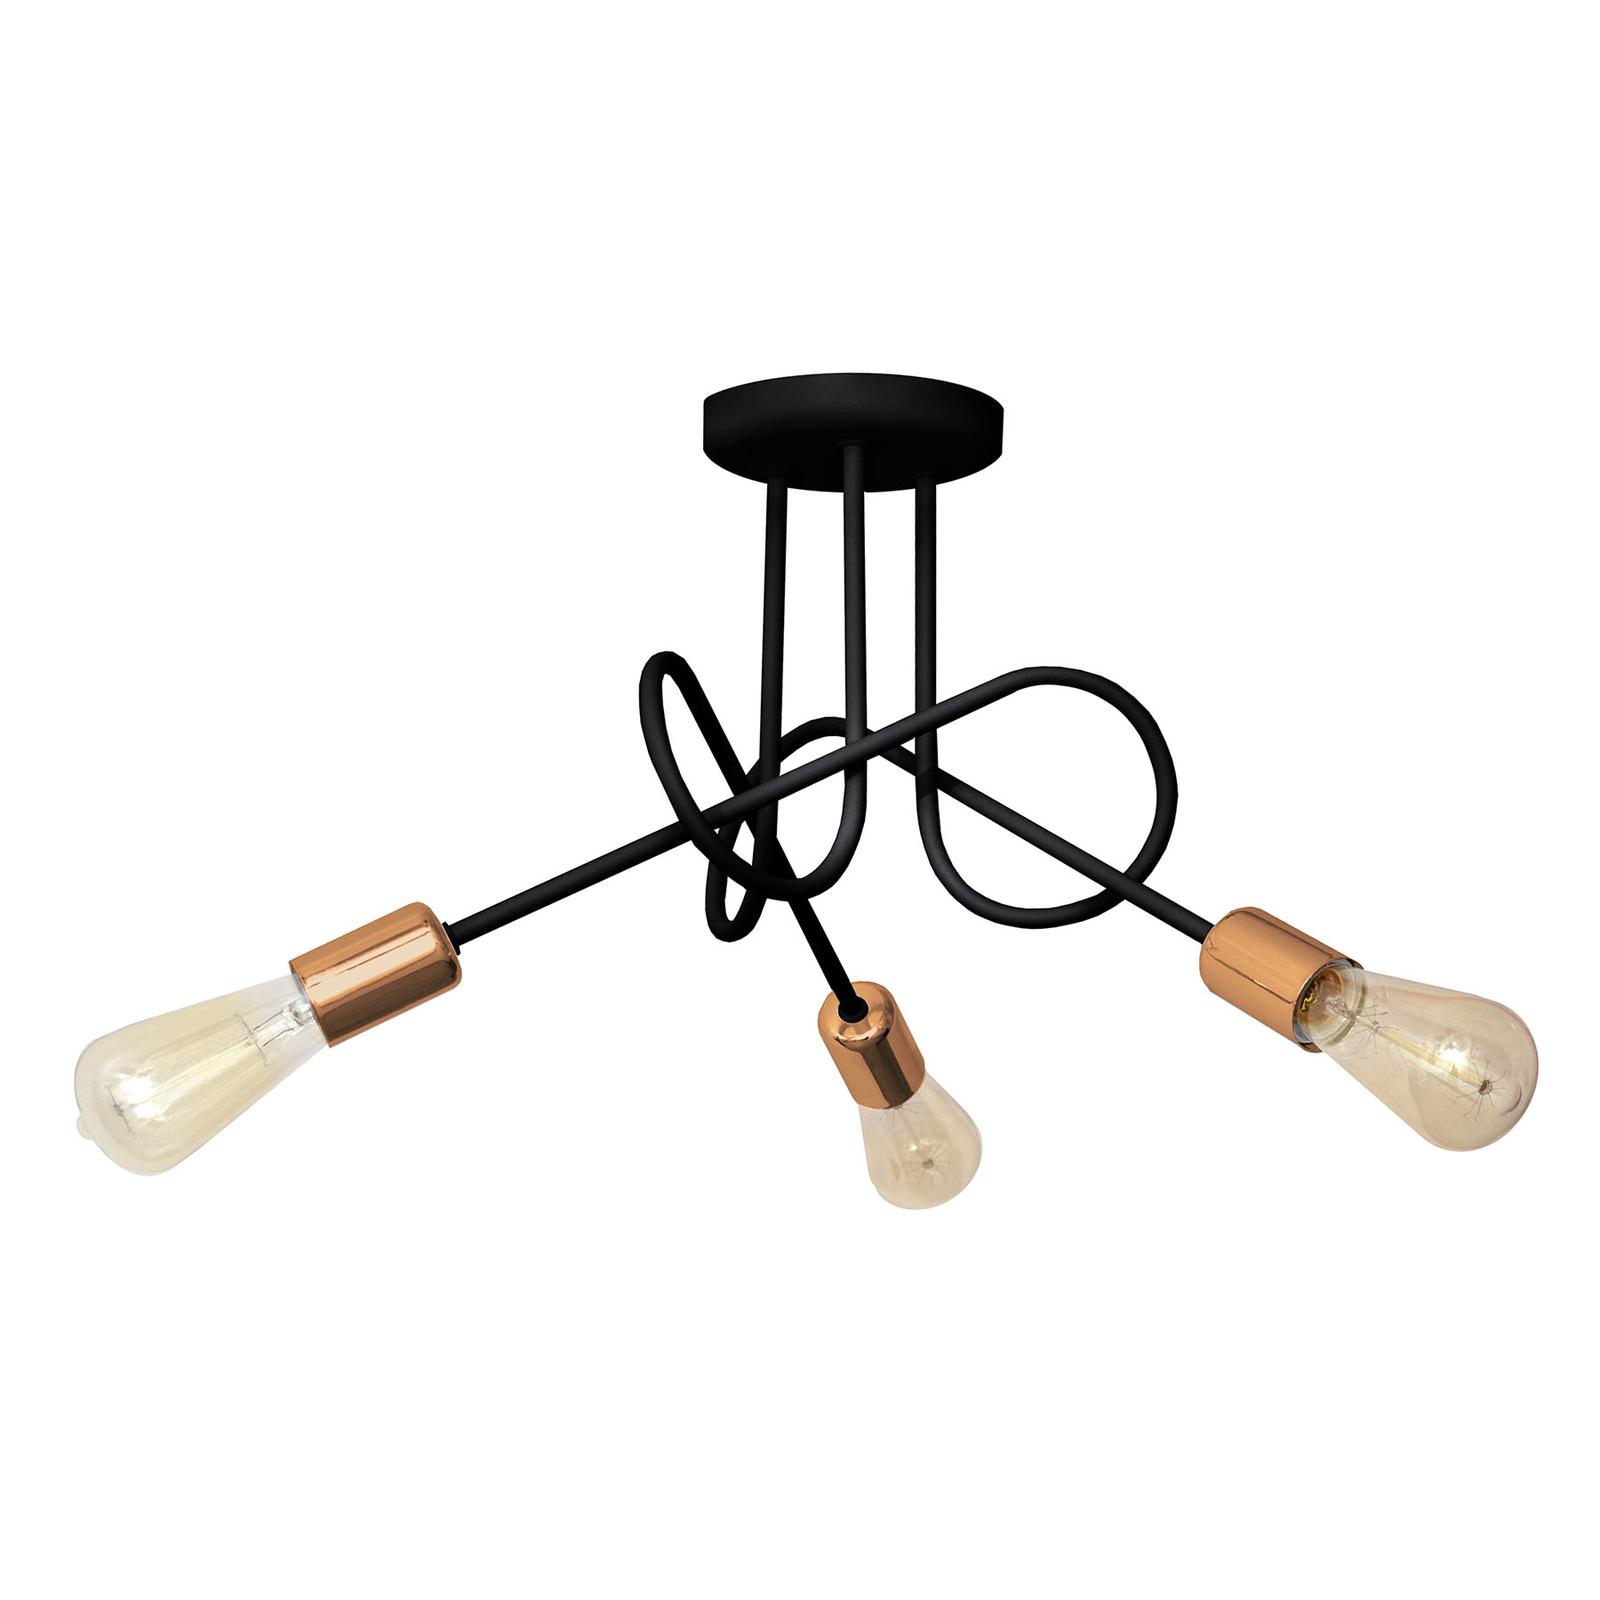 Deckenlampe Oxford dreiflammig schwarz/kupfer